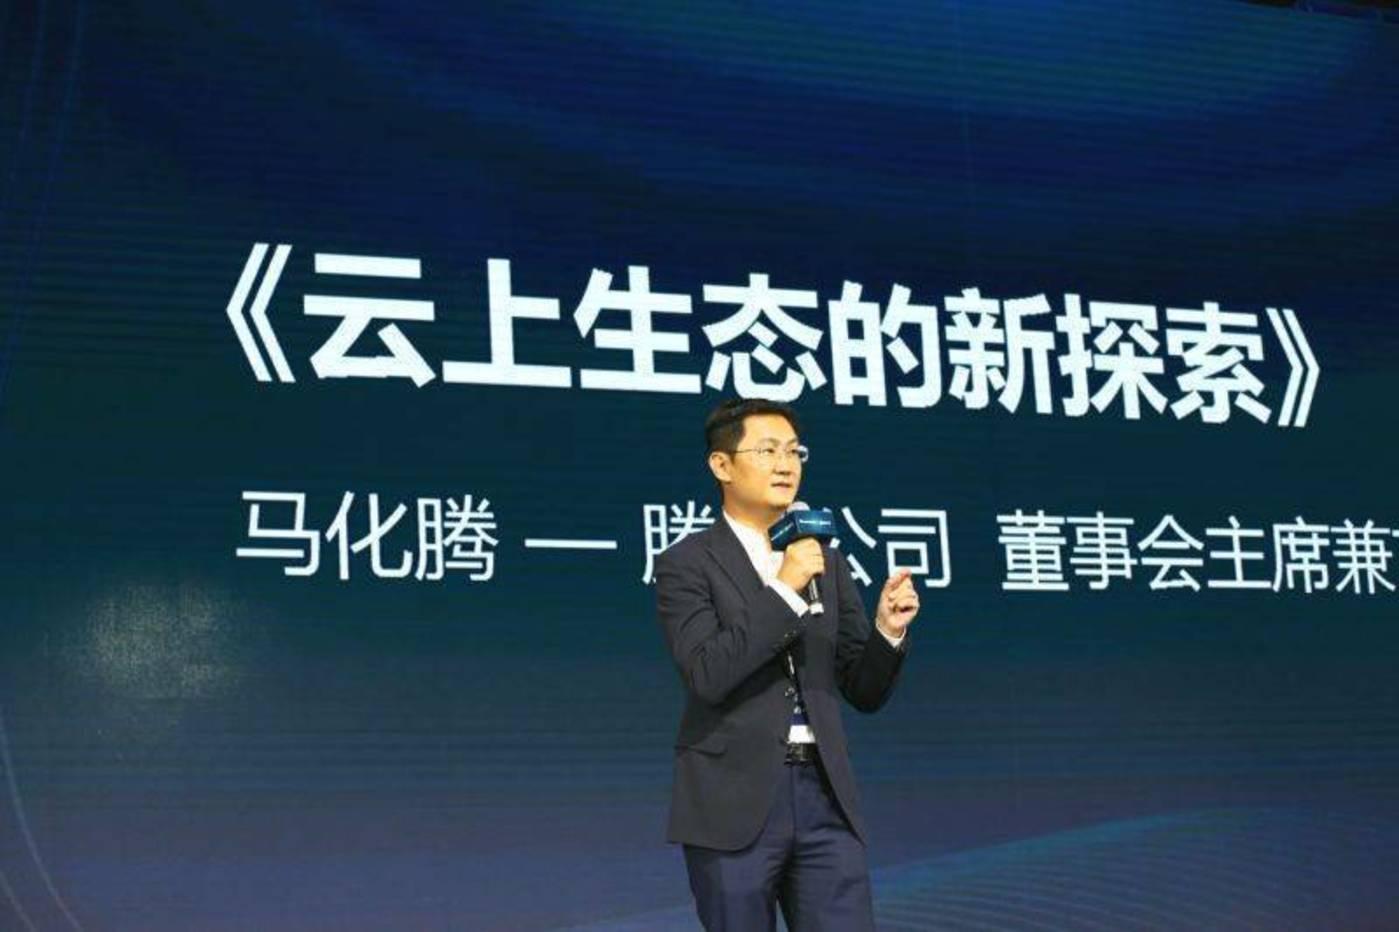 2016年马化腾首次为腾讯云站台